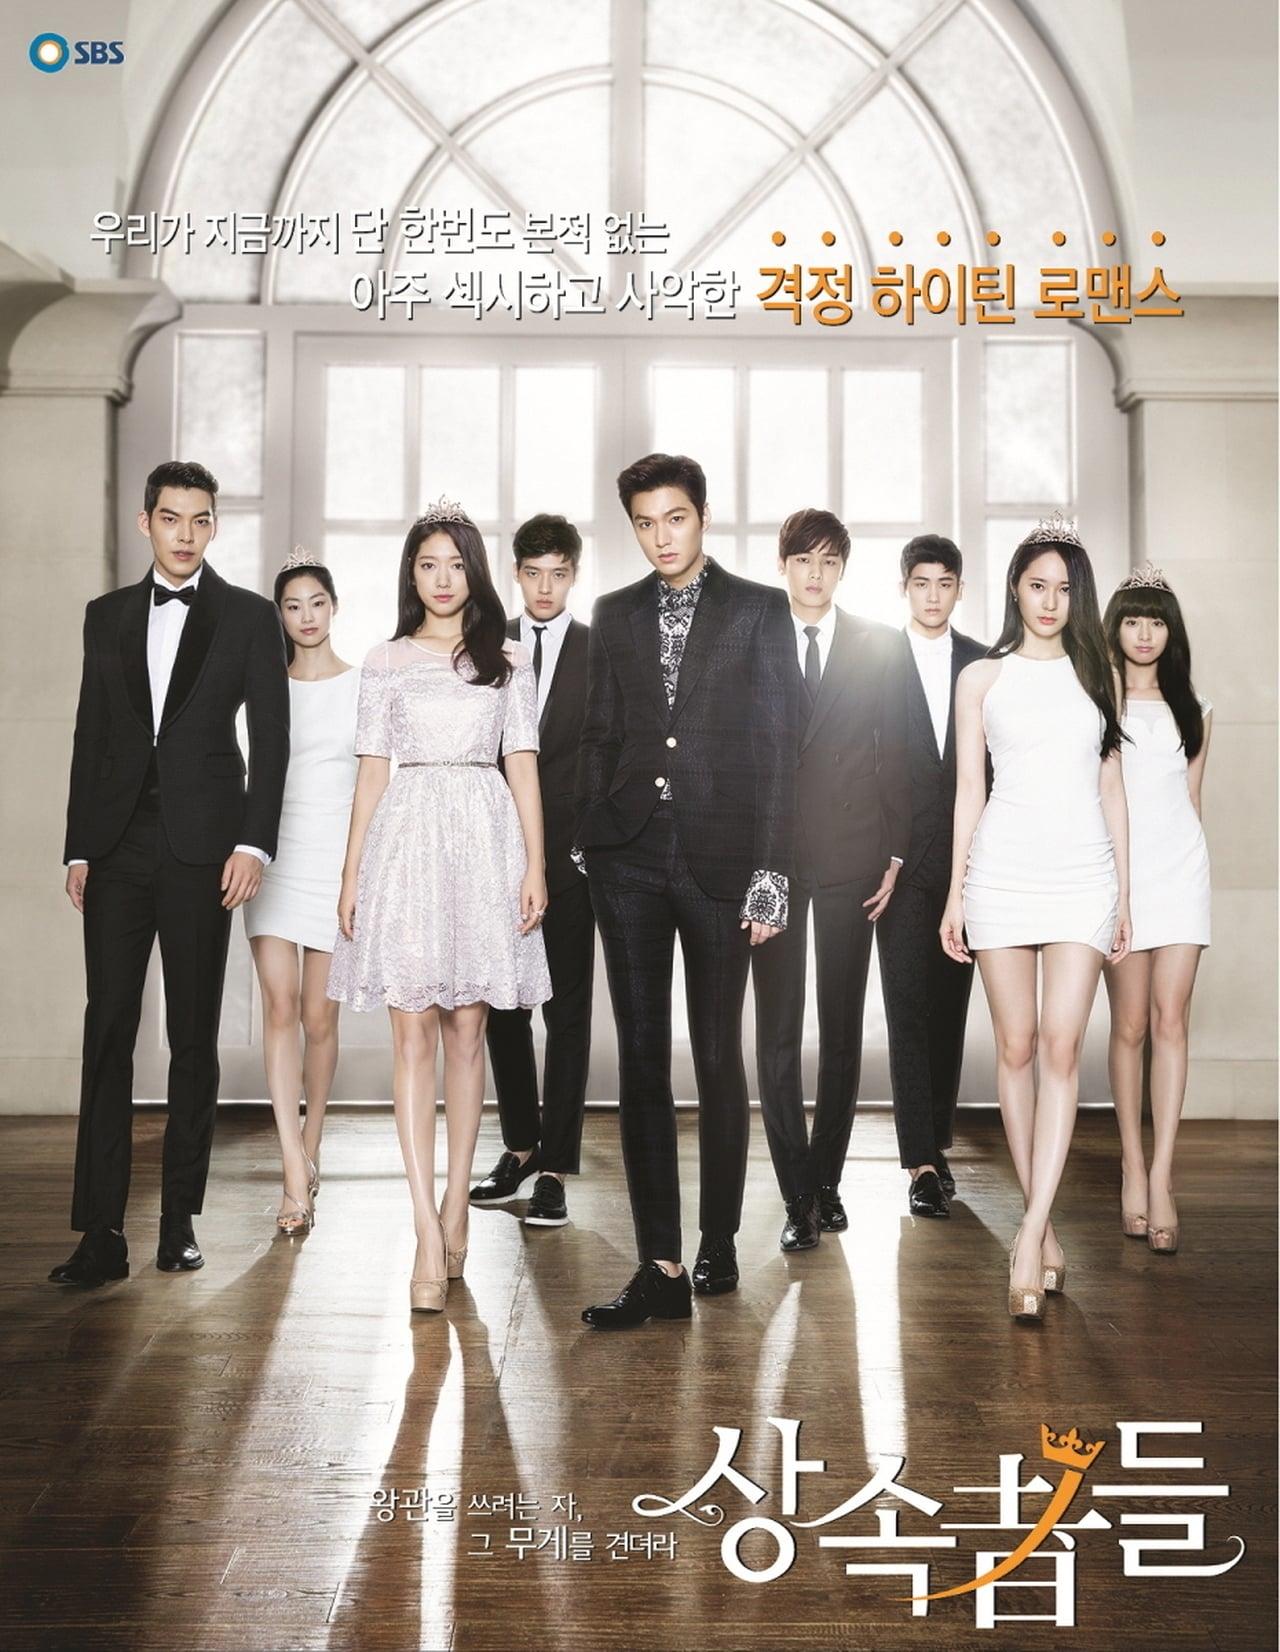 Những bộ phim truyền hình Hàn Quốc đáng xem nhất suốt một thập kỷ qua - Ảnh 3